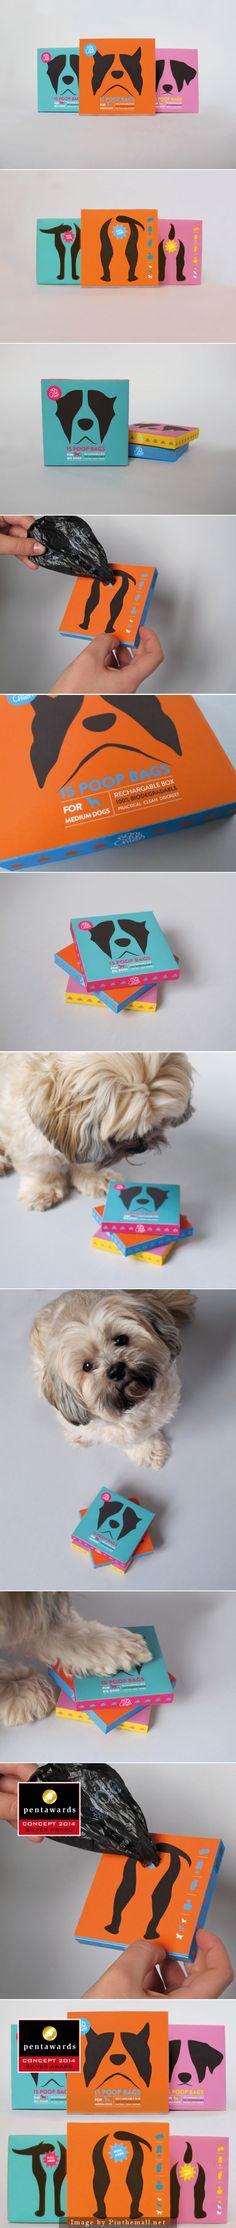 Nom d'un chien (Concept) #poopbags, Designer: Marine Bacot - http://www.packagingoftheworld.com/2014/10/nom-dun-chien-concept.html